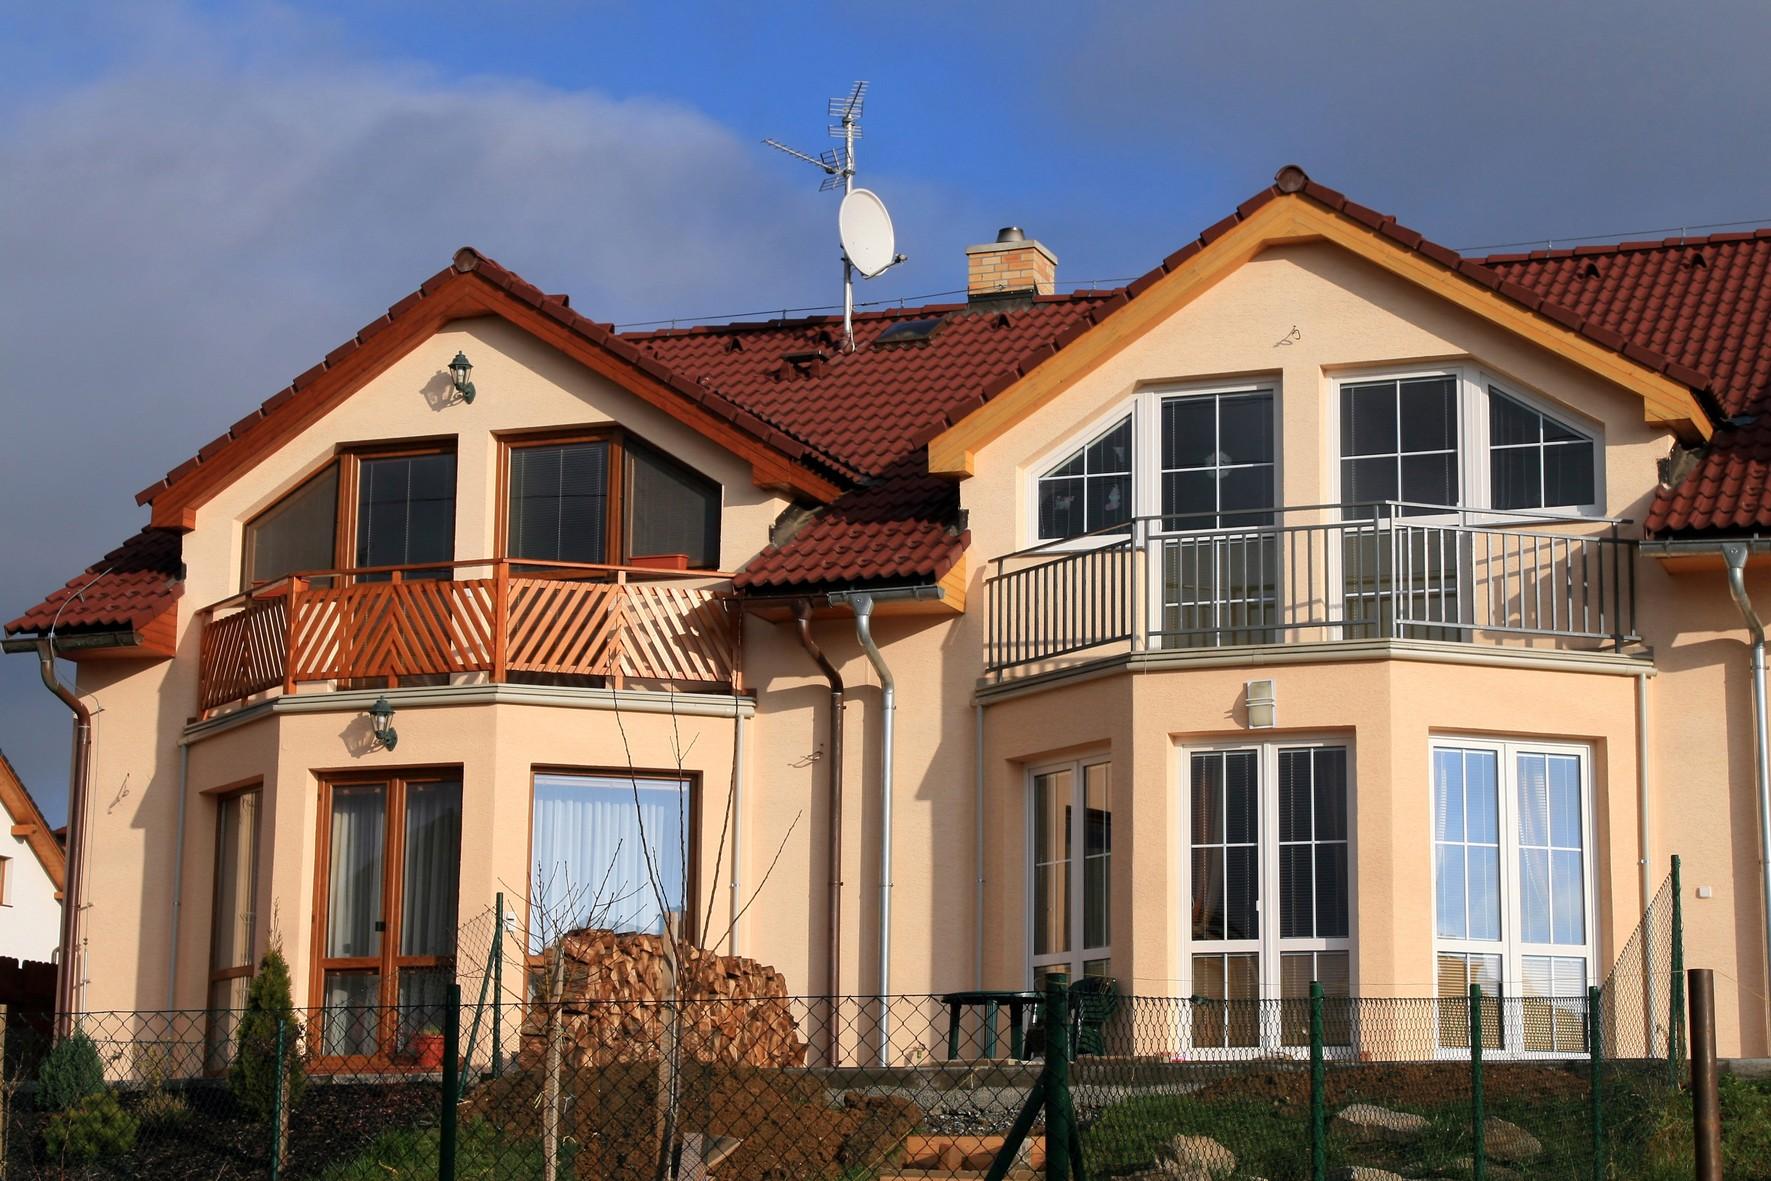 Sonnenschutzfolie für Gebäude silber verspiegelt 76 x 220 cm – Bild 1